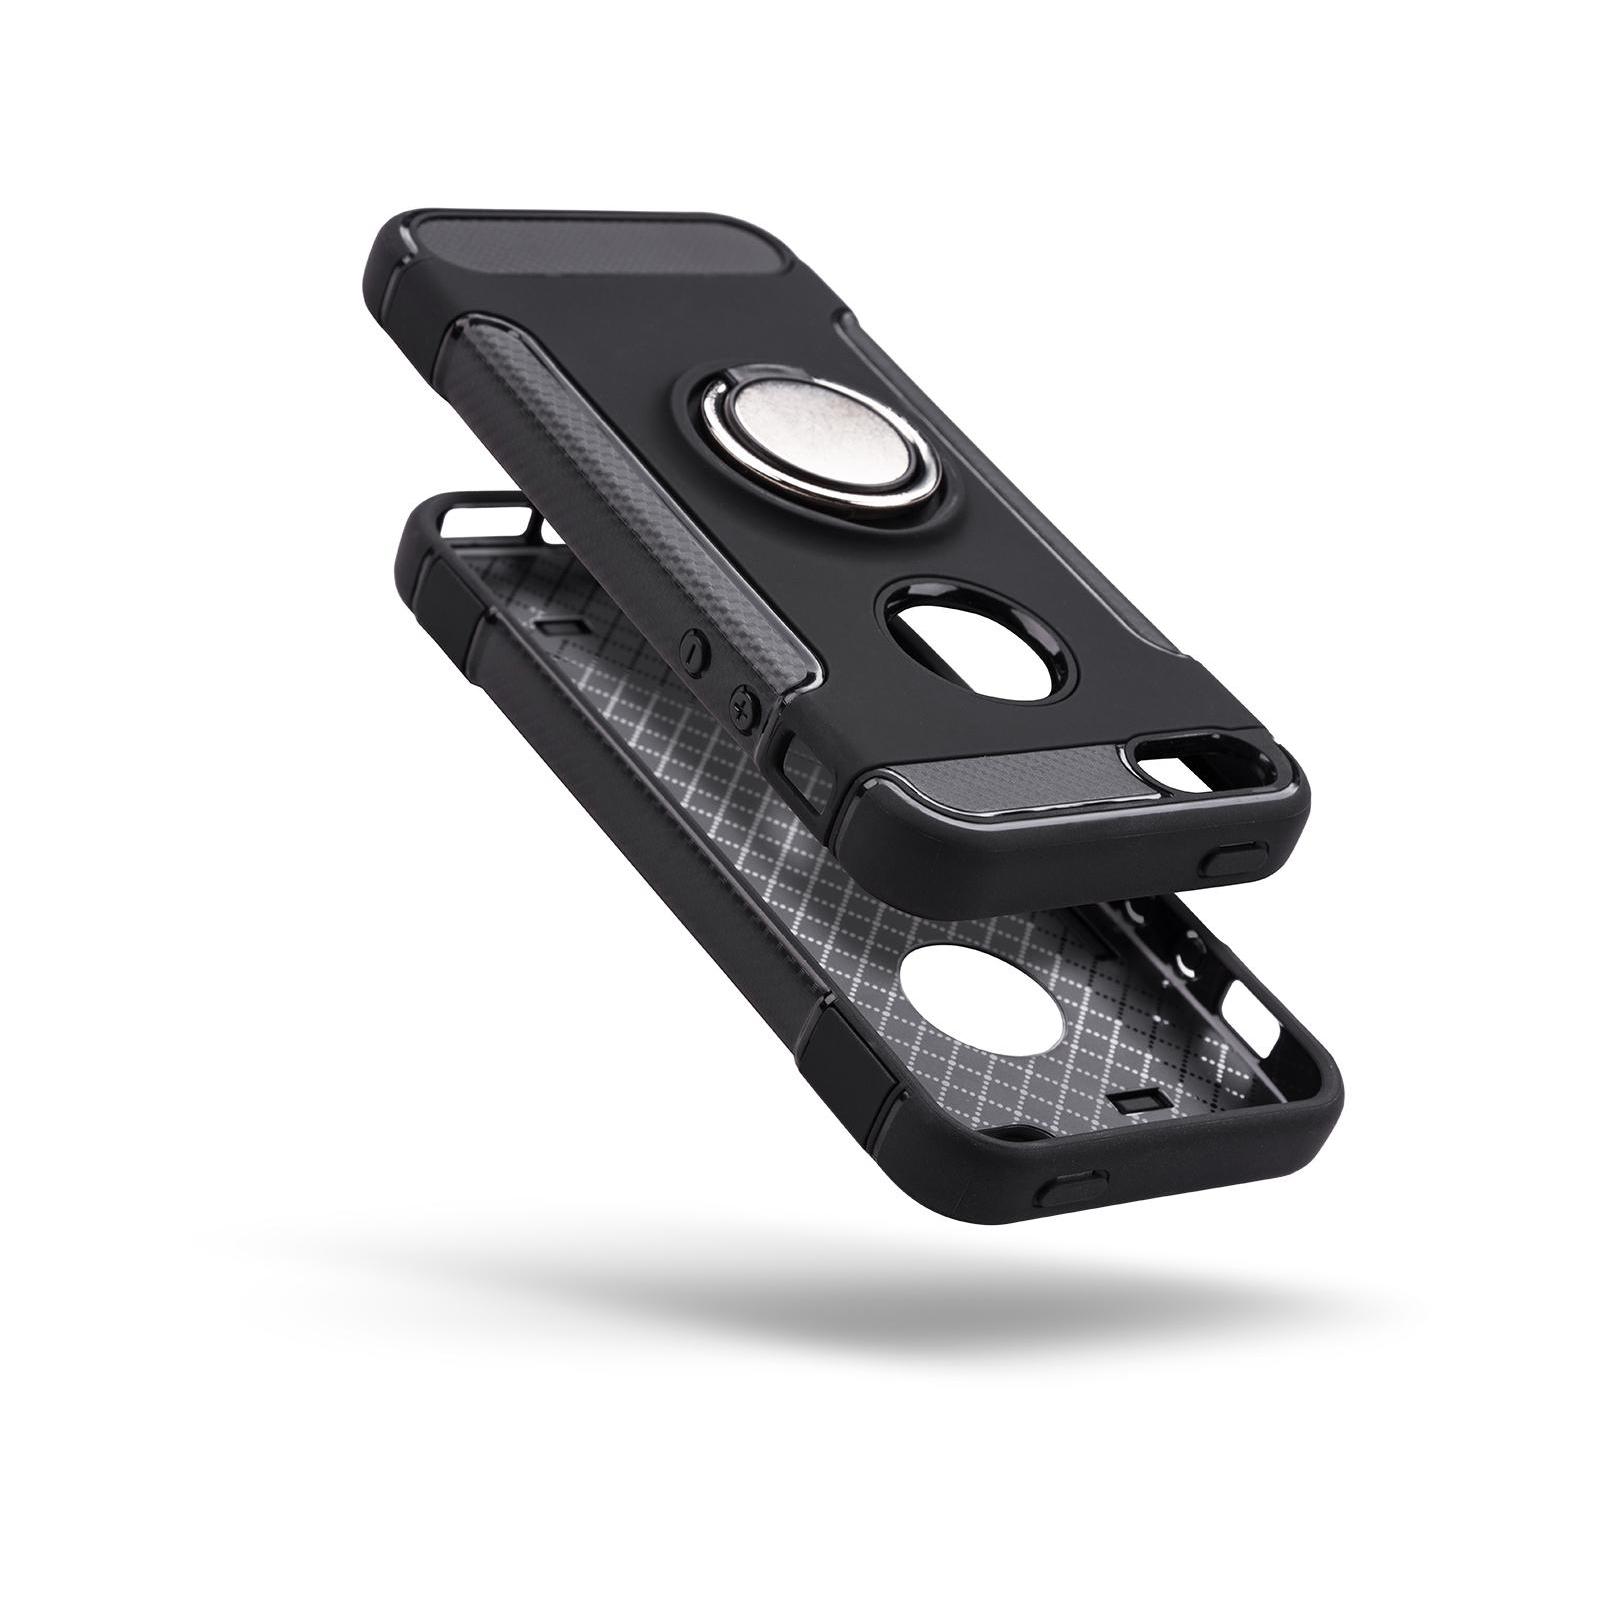 Чехол для моб. телефона Laudtec для iPhone 5/SE Ring stand (black) (LR-PCI5SE) изображение 2